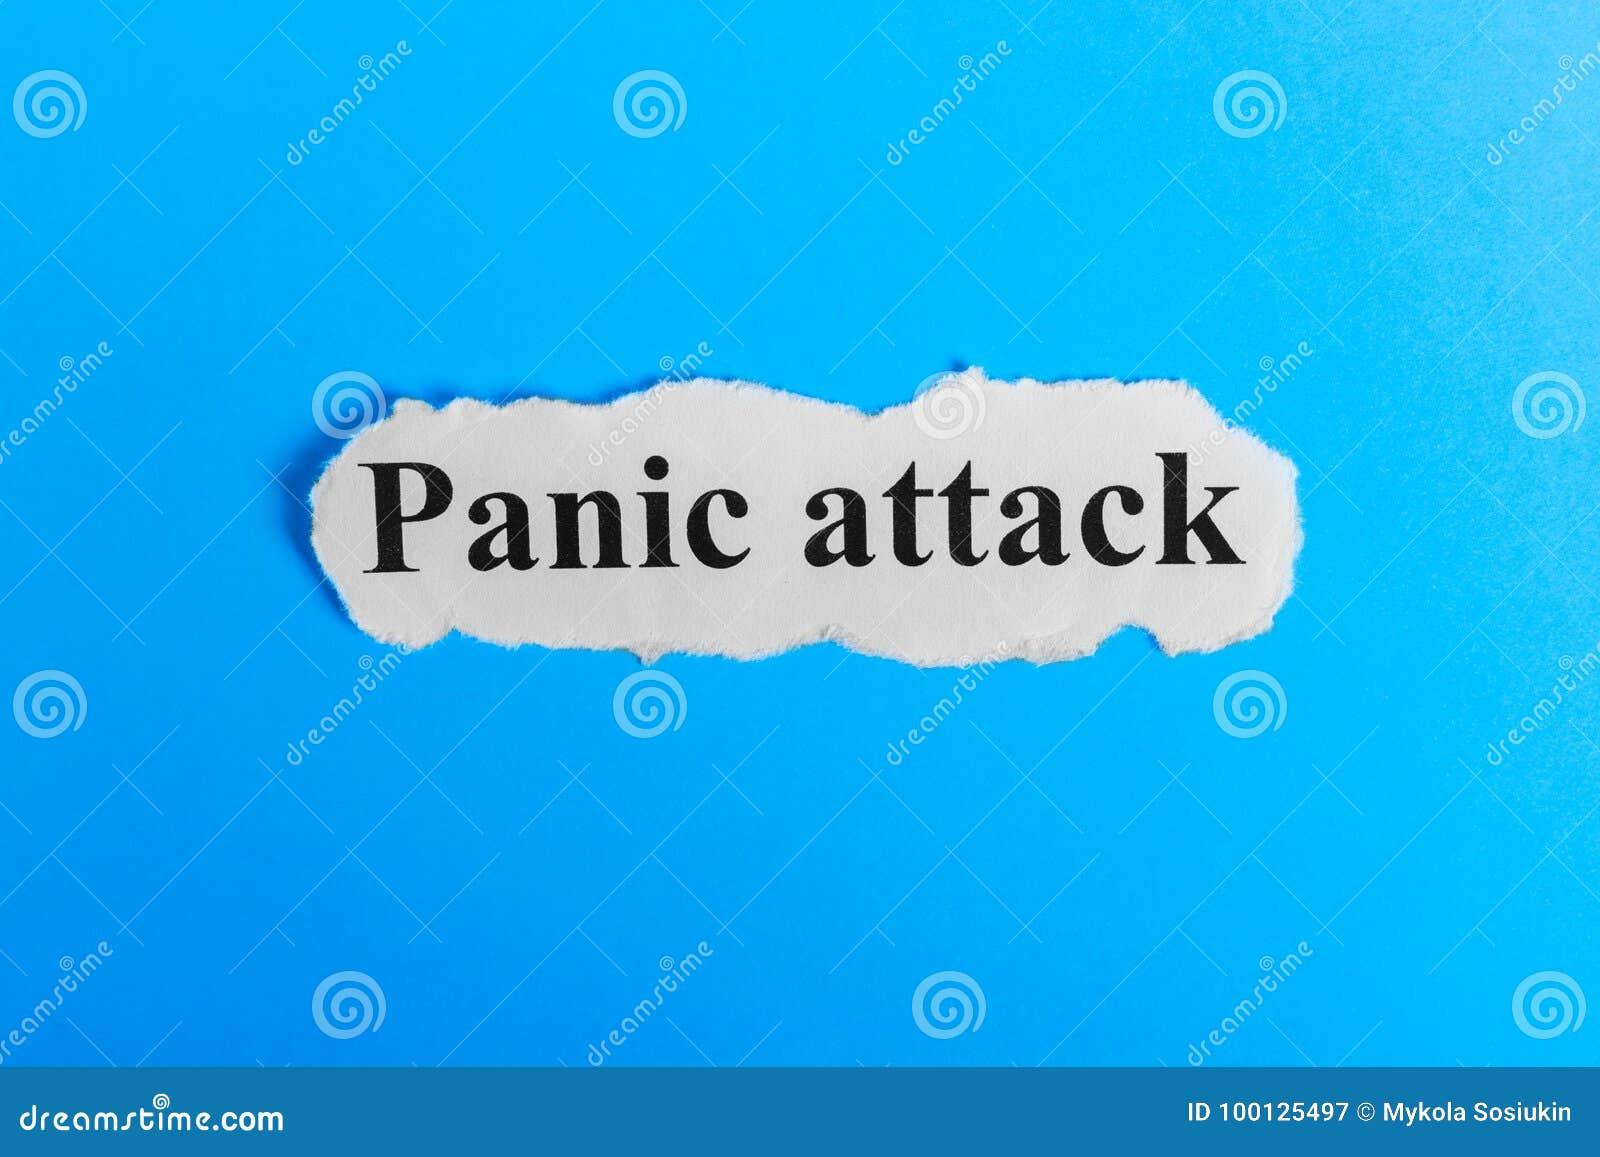 Ataka Paniki tekst na papierze Słowo atak paniki na kawałku papieru com pojęcia figurki wizerunku odpoczynku dobra trwanie tekst